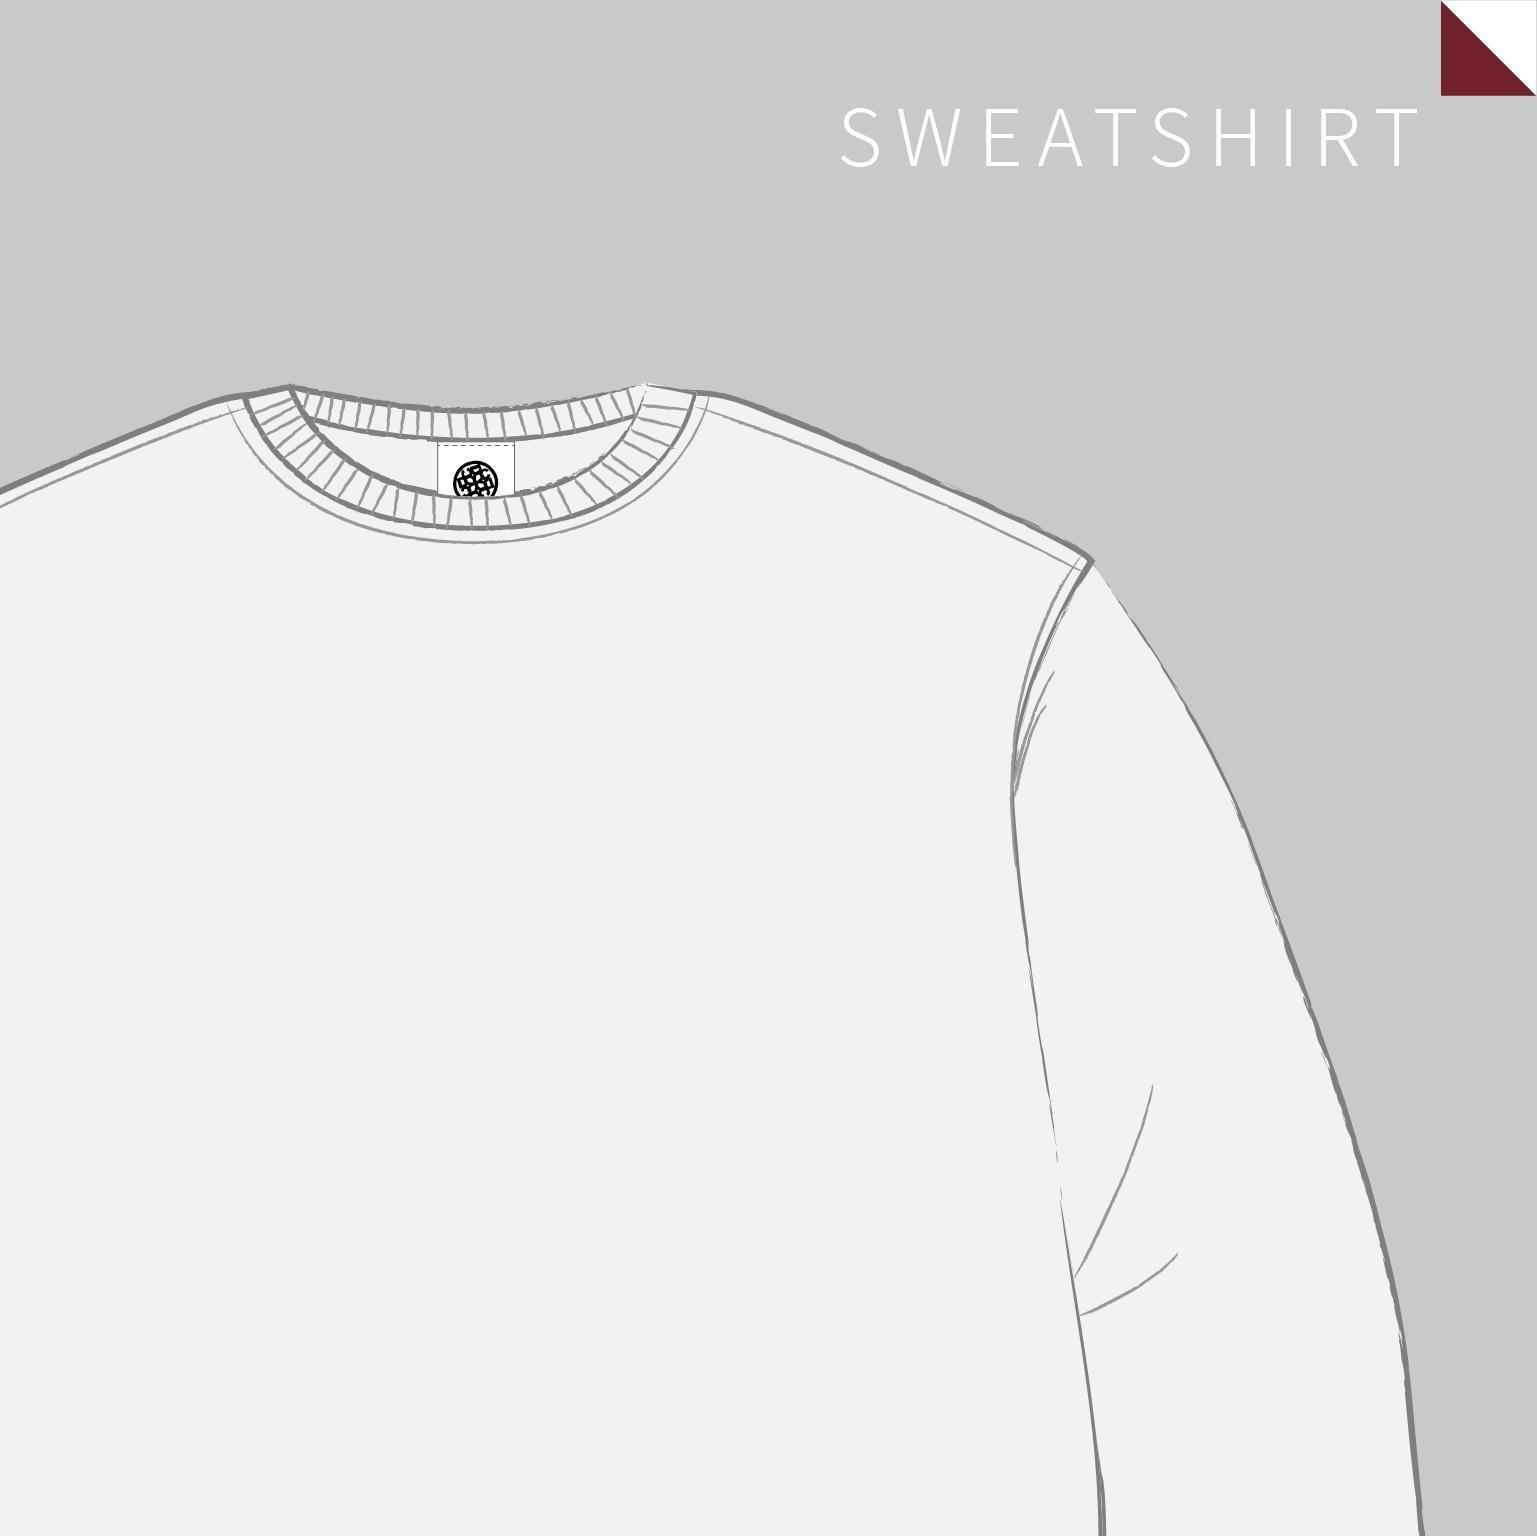 大學TEE | TSWEATSHIRT